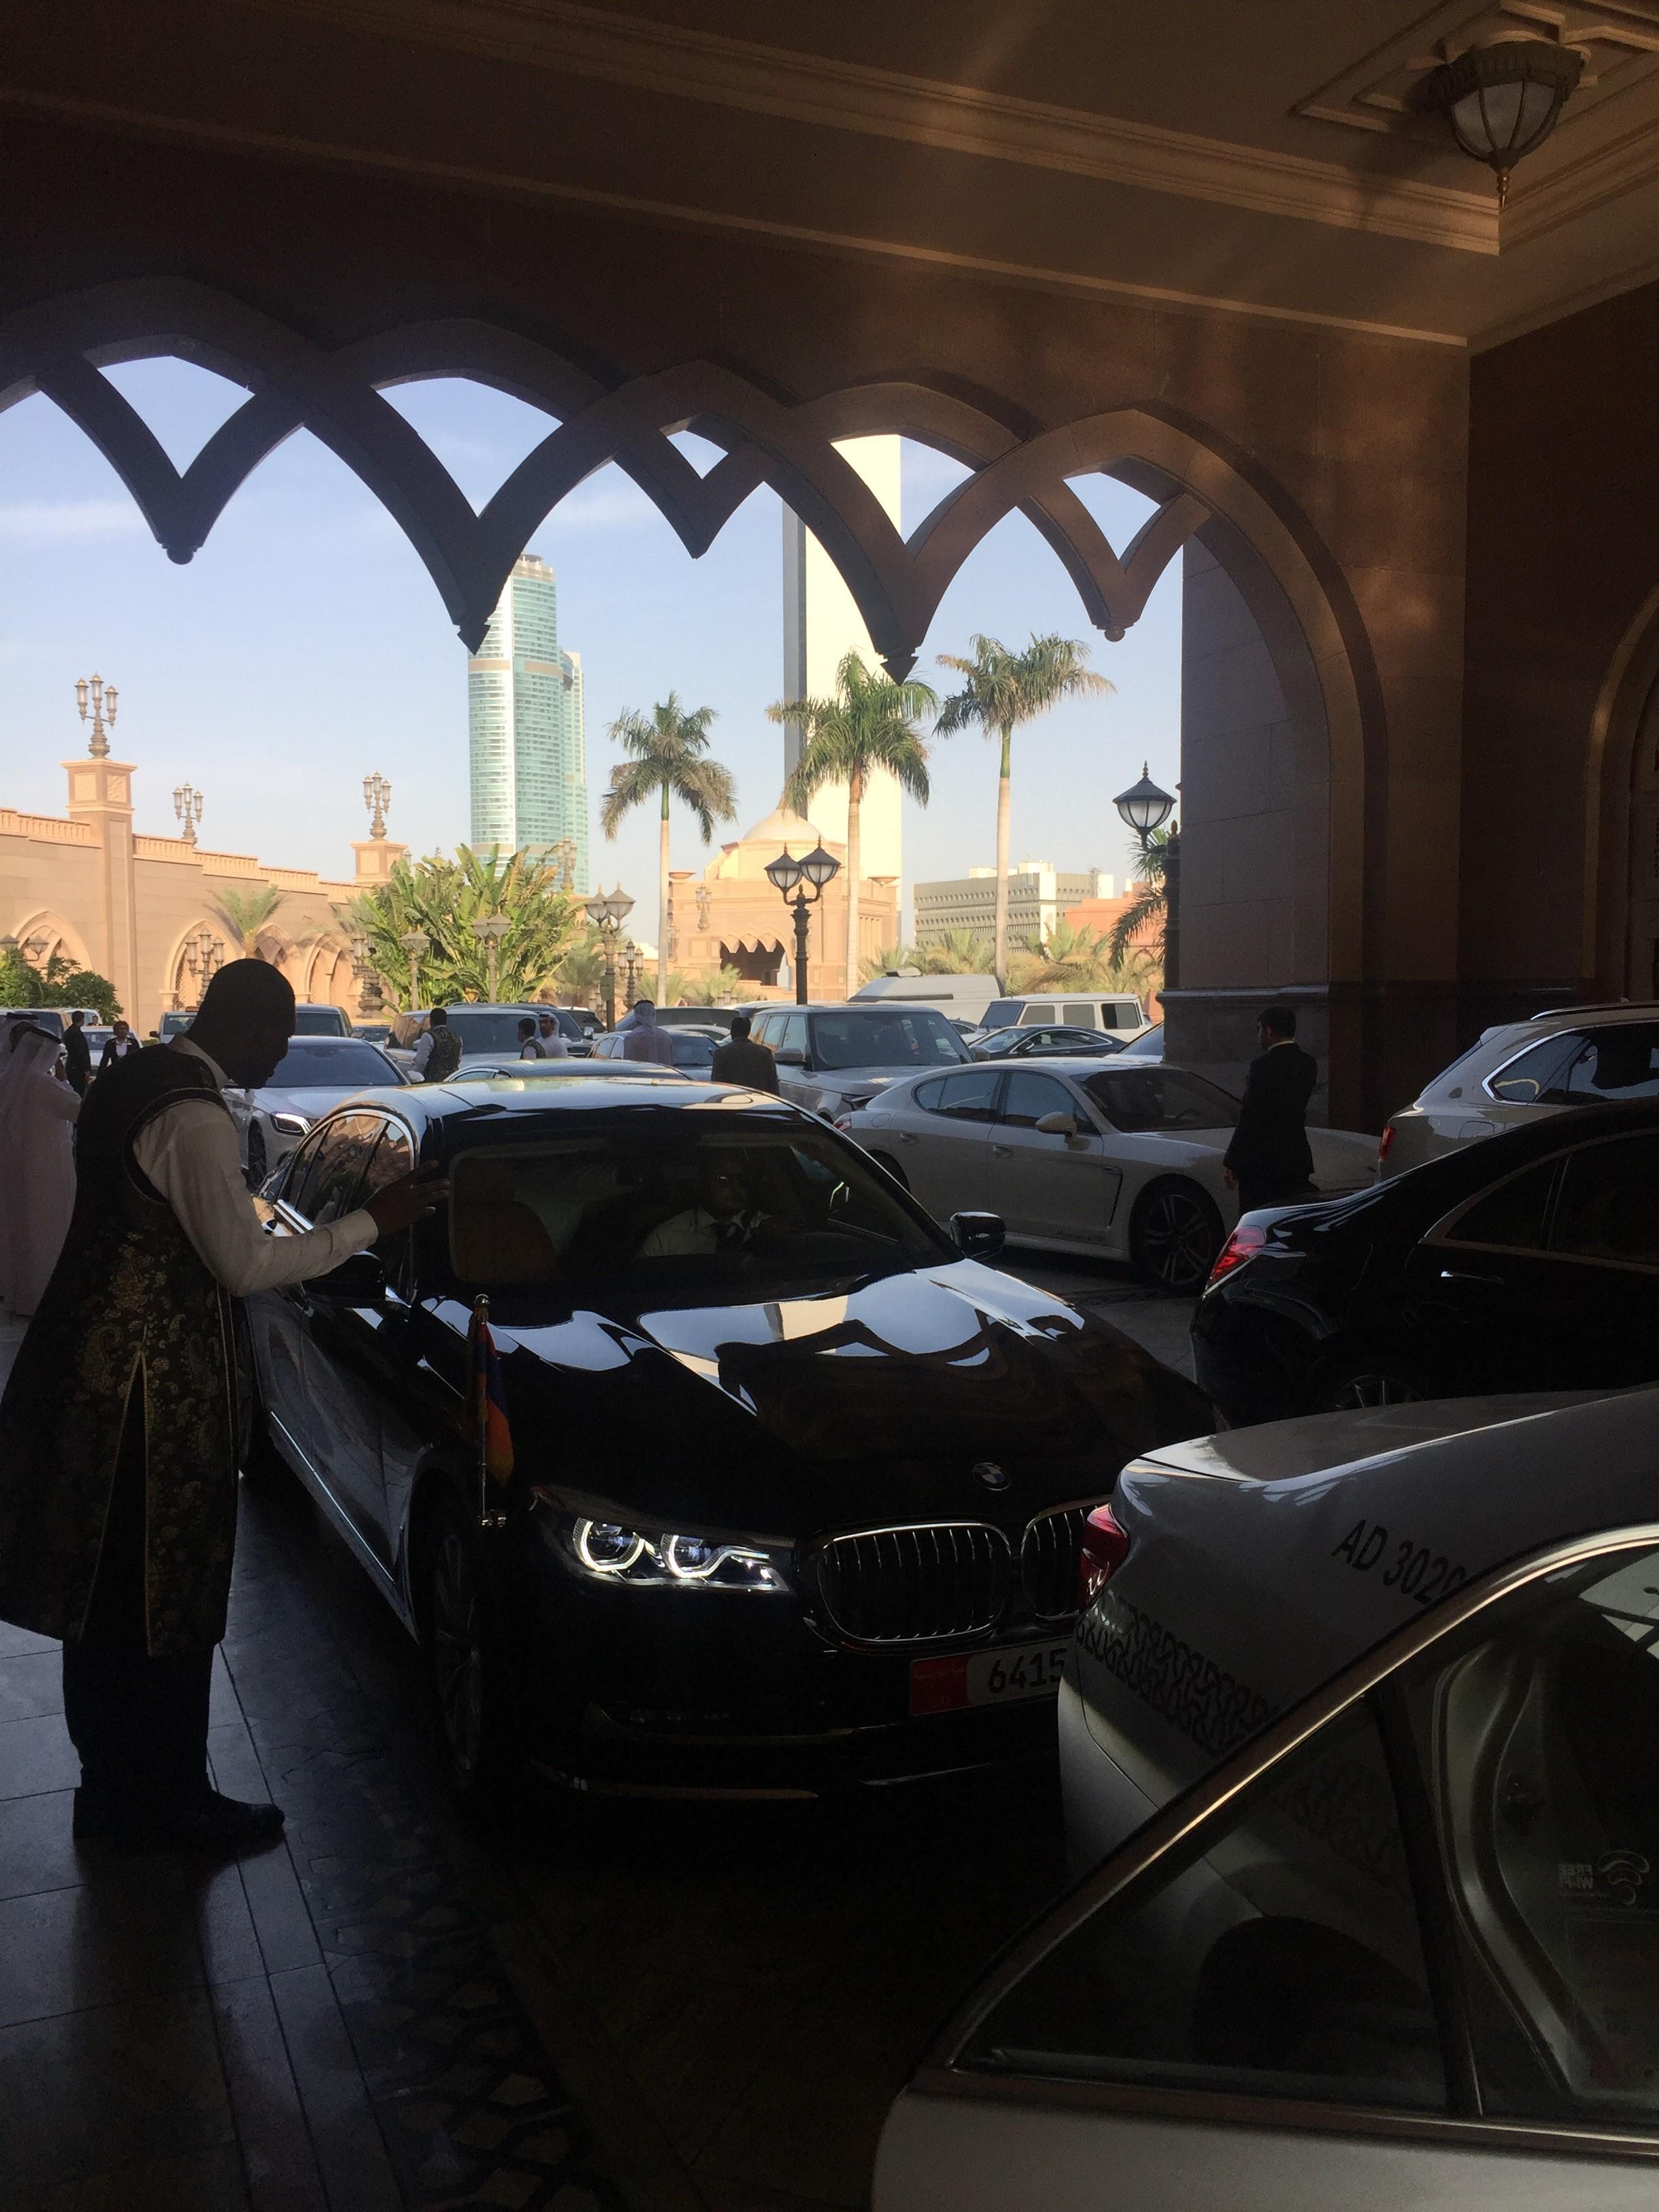 Abu_Dhabi_iiiiiiiiii.jpg